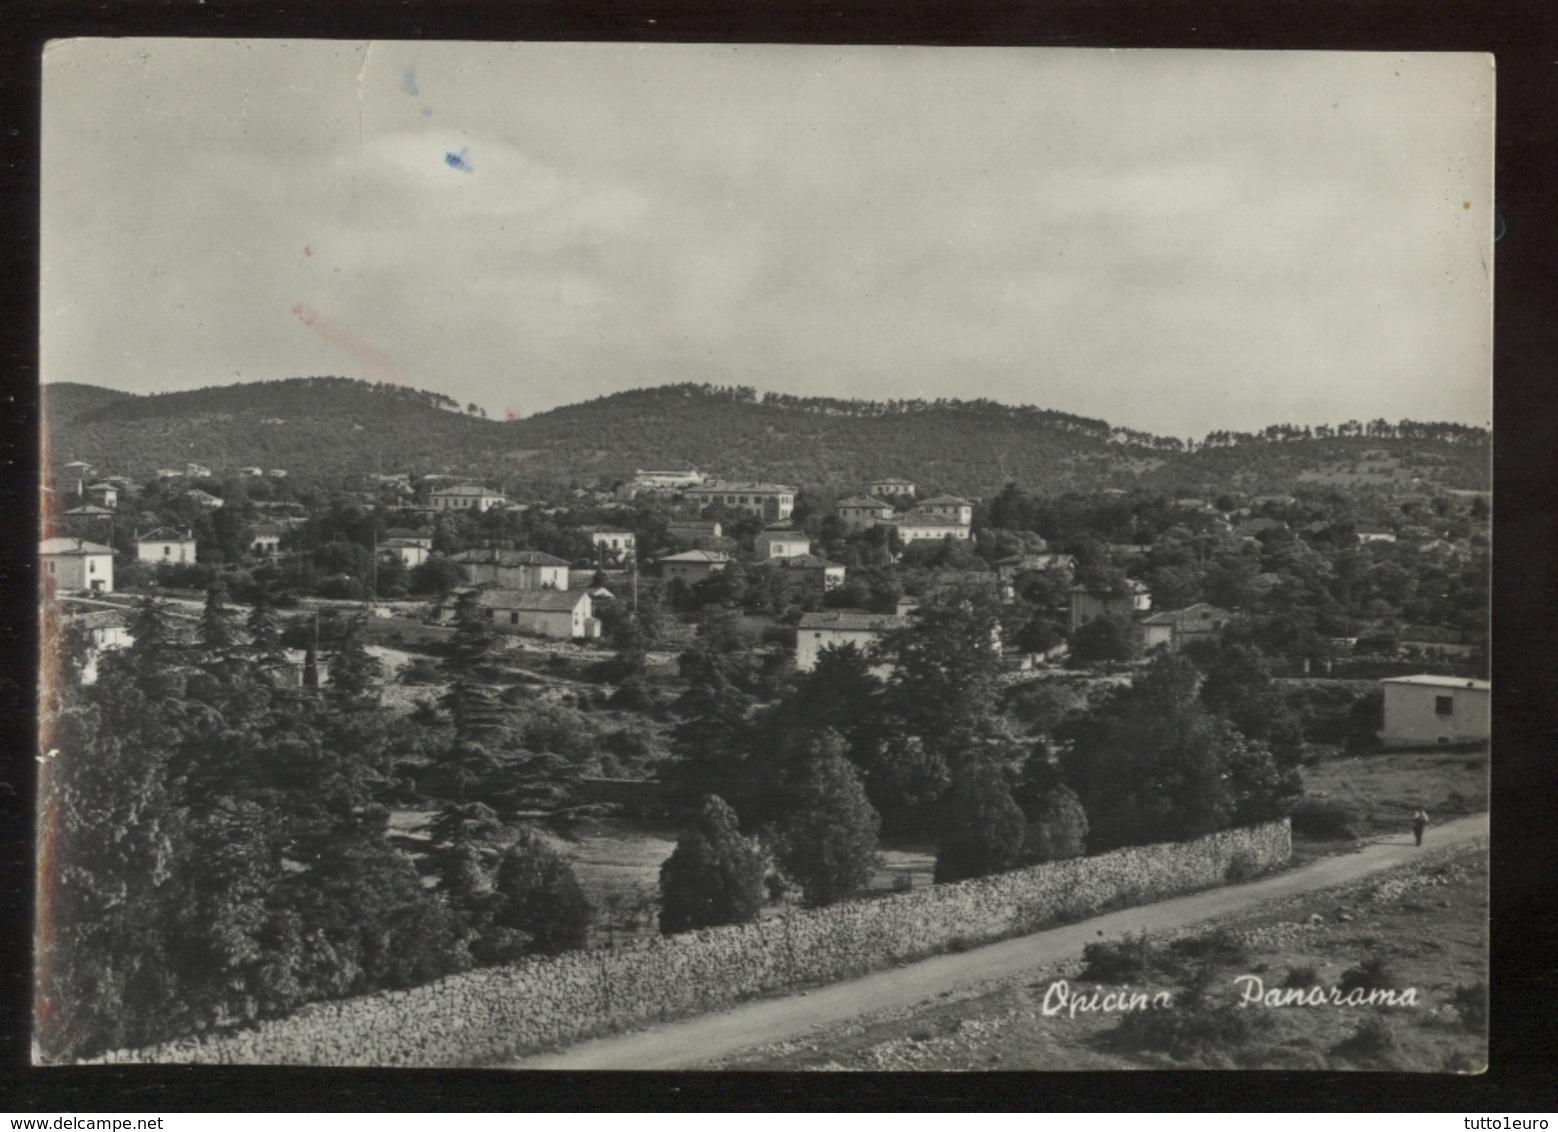 OPICINA - TRIESTE - 1955 - PANORAMA - Trieste